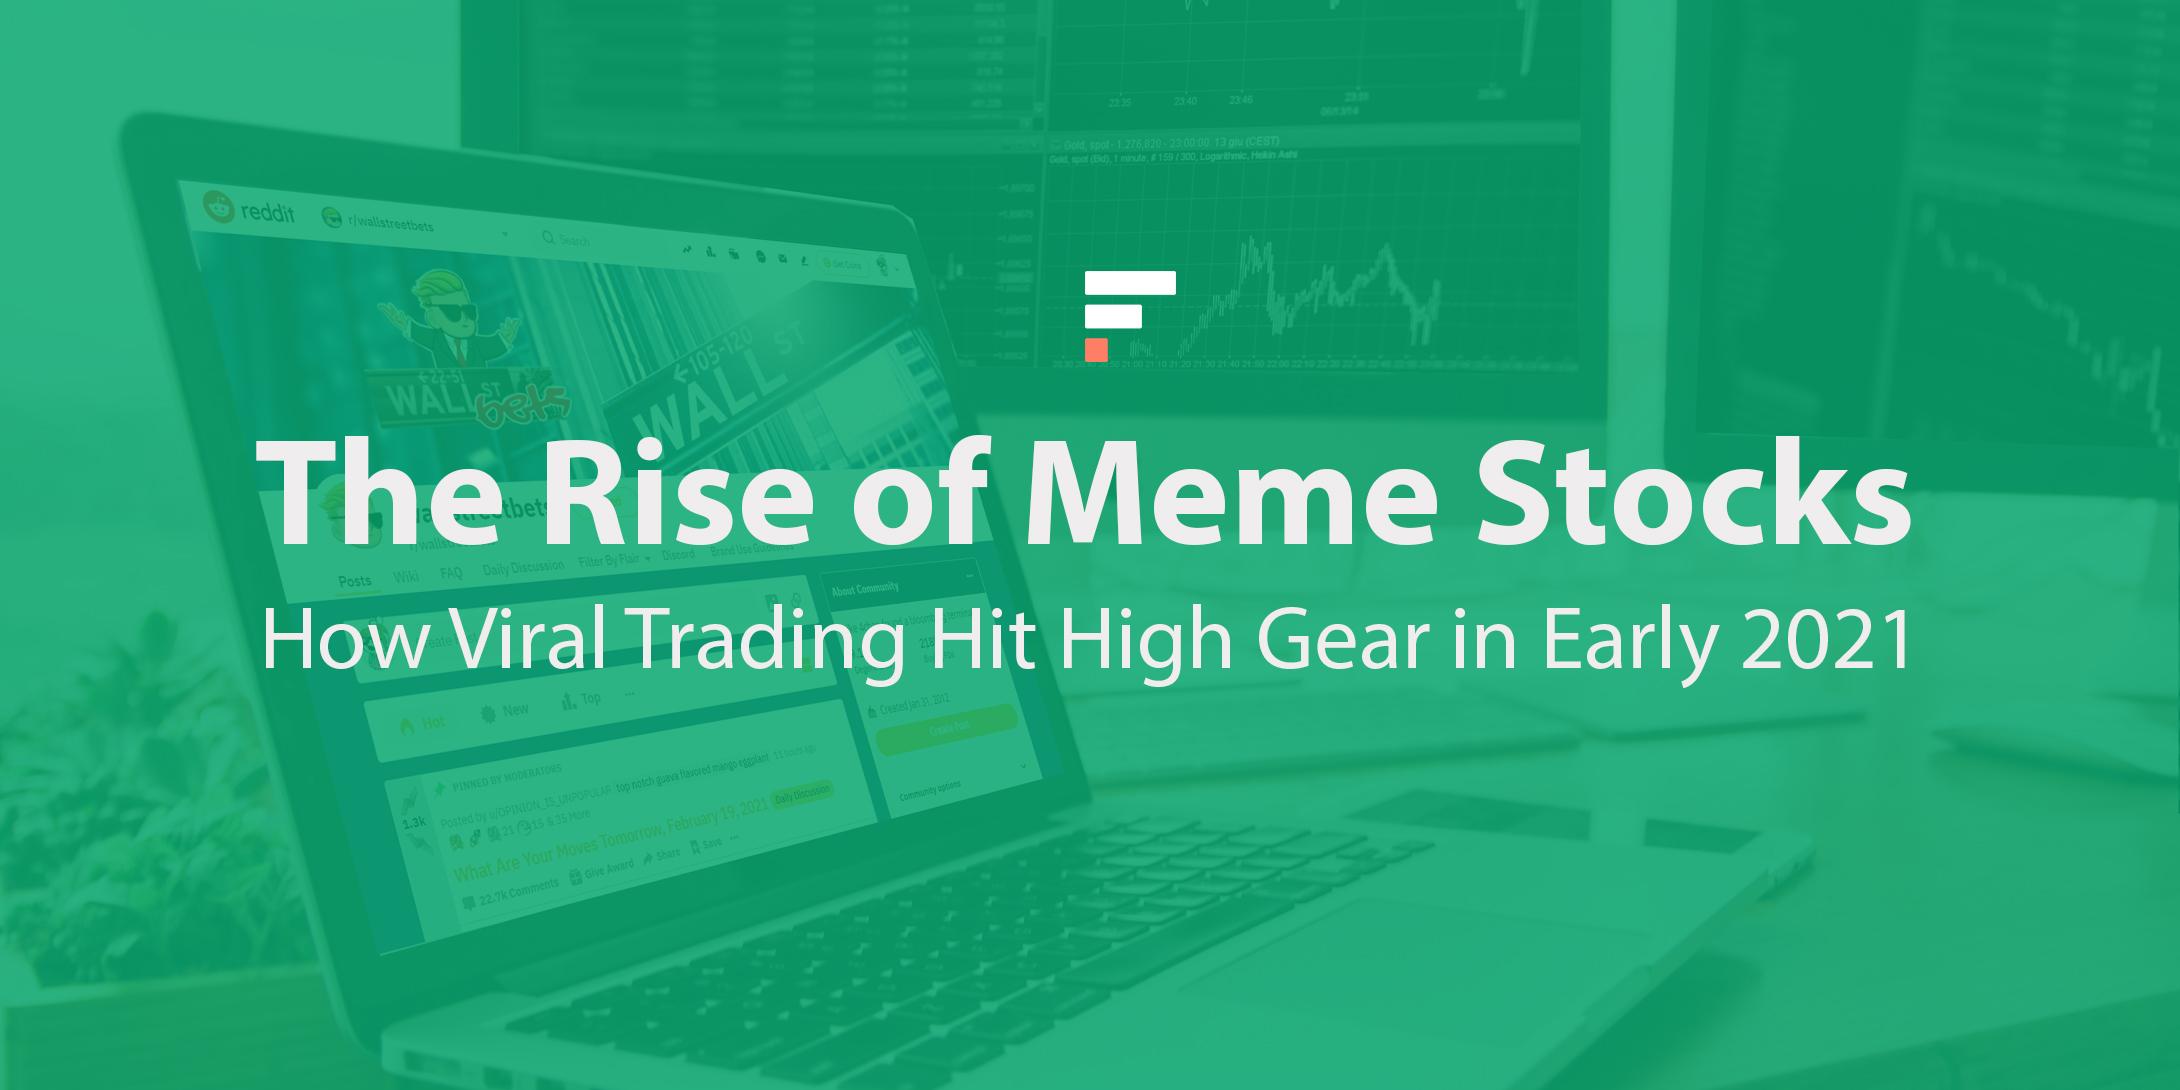 Rise of meme stocks